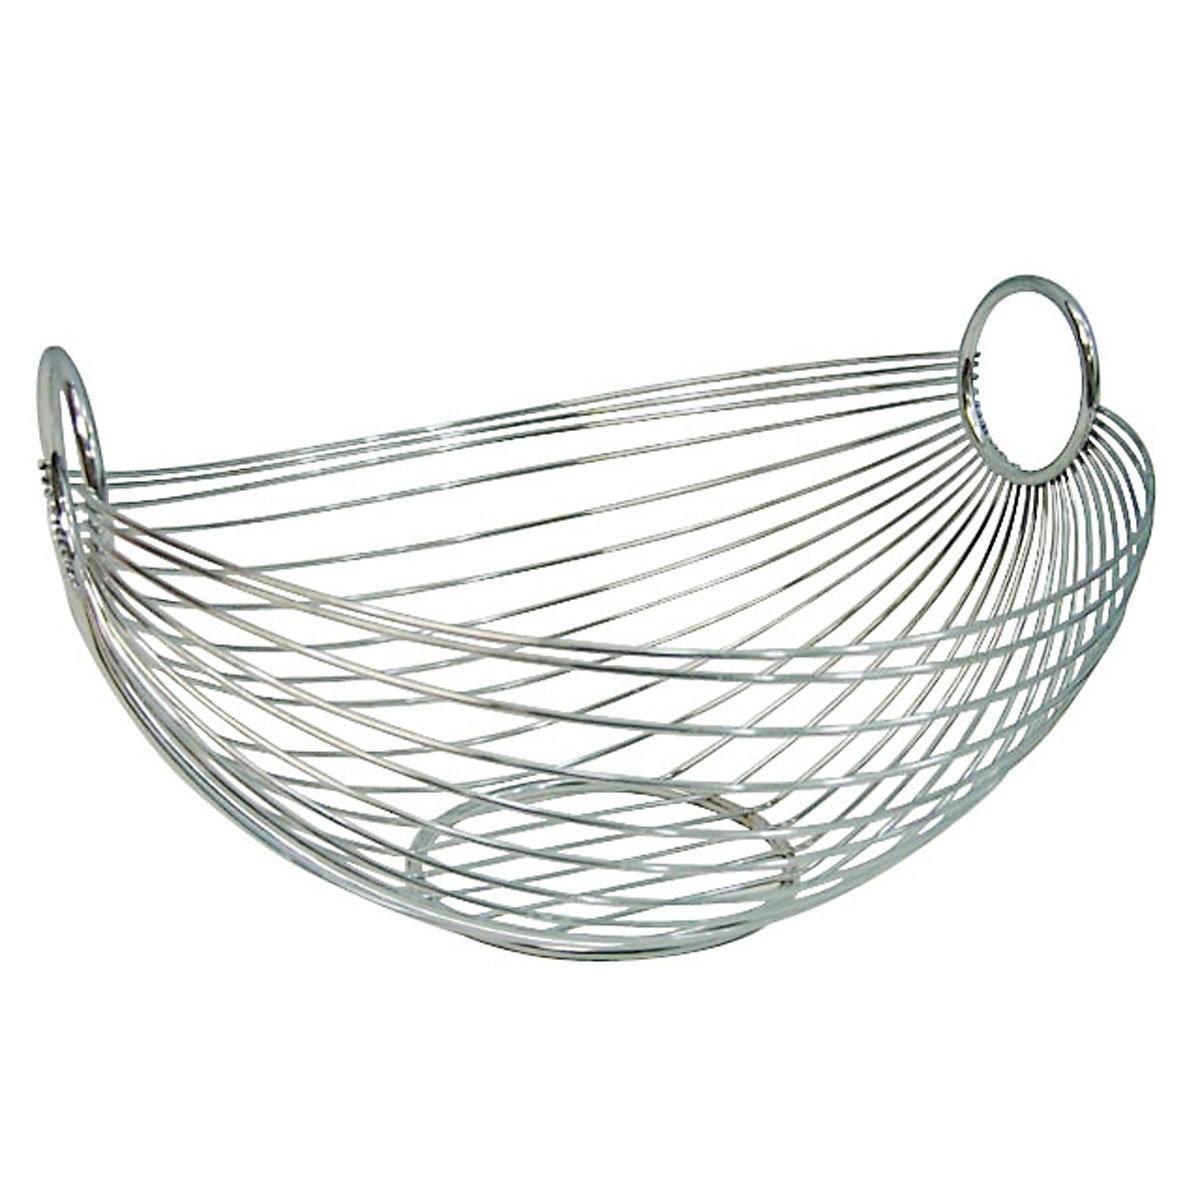 Ваза овальная для фруктовZeller пропитывает свою продукцию гармонией и новизной. Данная ваза создана для хранения фруктов и овощей.<br>